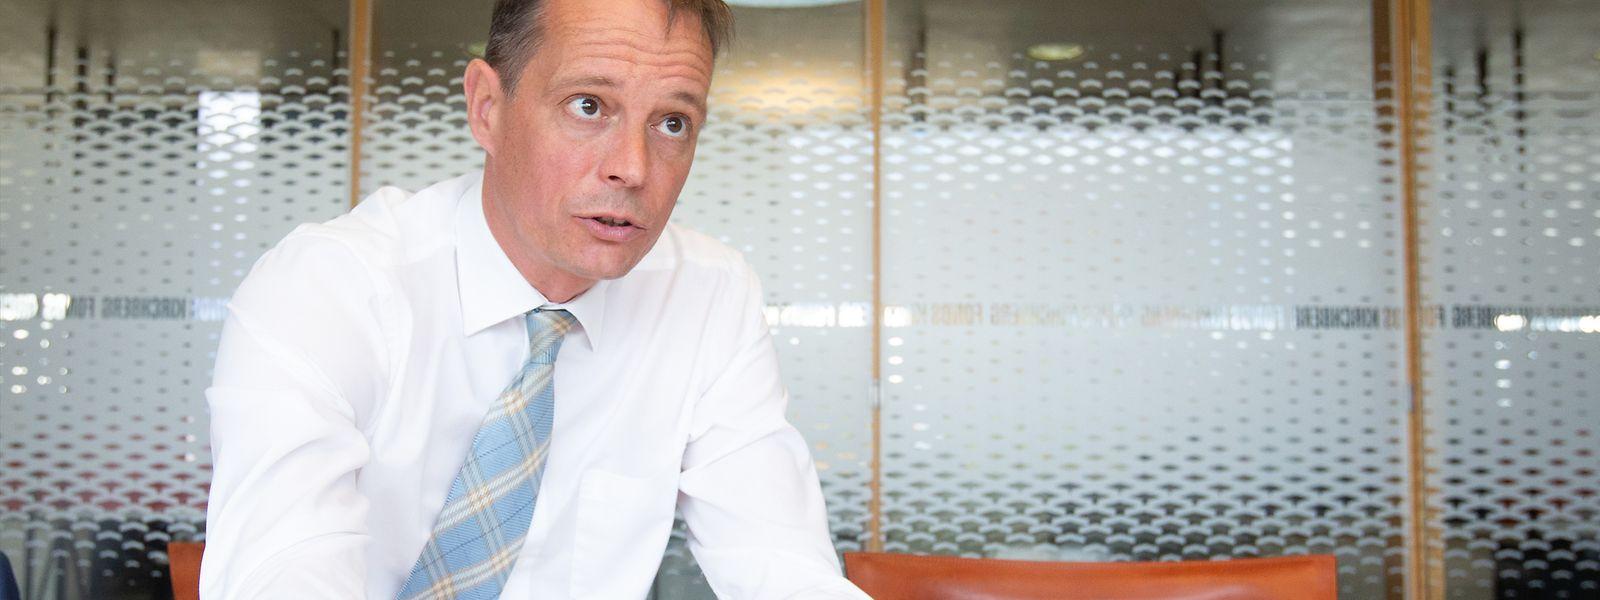 Marc Widong ist der erste Direktor des seit 1961 bestehenden Fonds Kirchberg. Der Posten wurde erst per Gesetz im Dezember 2019 geschaffen.